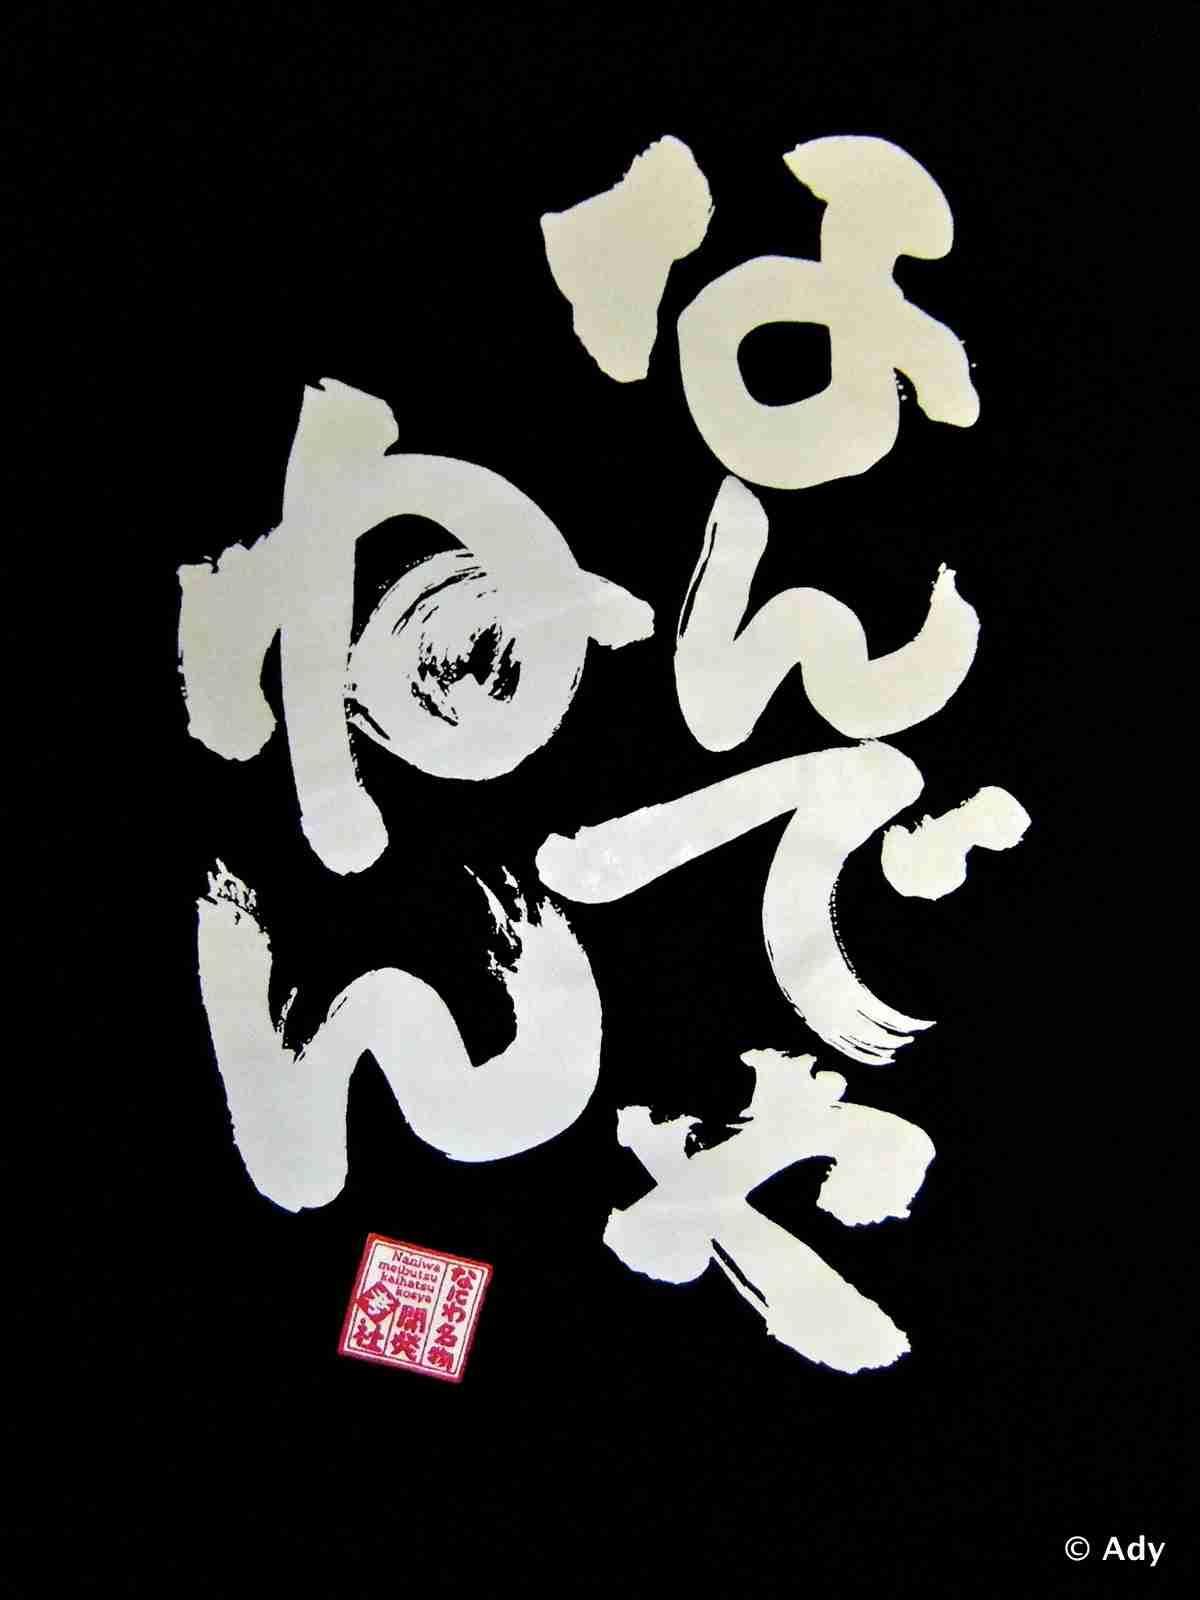 真っ先に思い浮ぶ「関西弁」のアニメキャラランキング